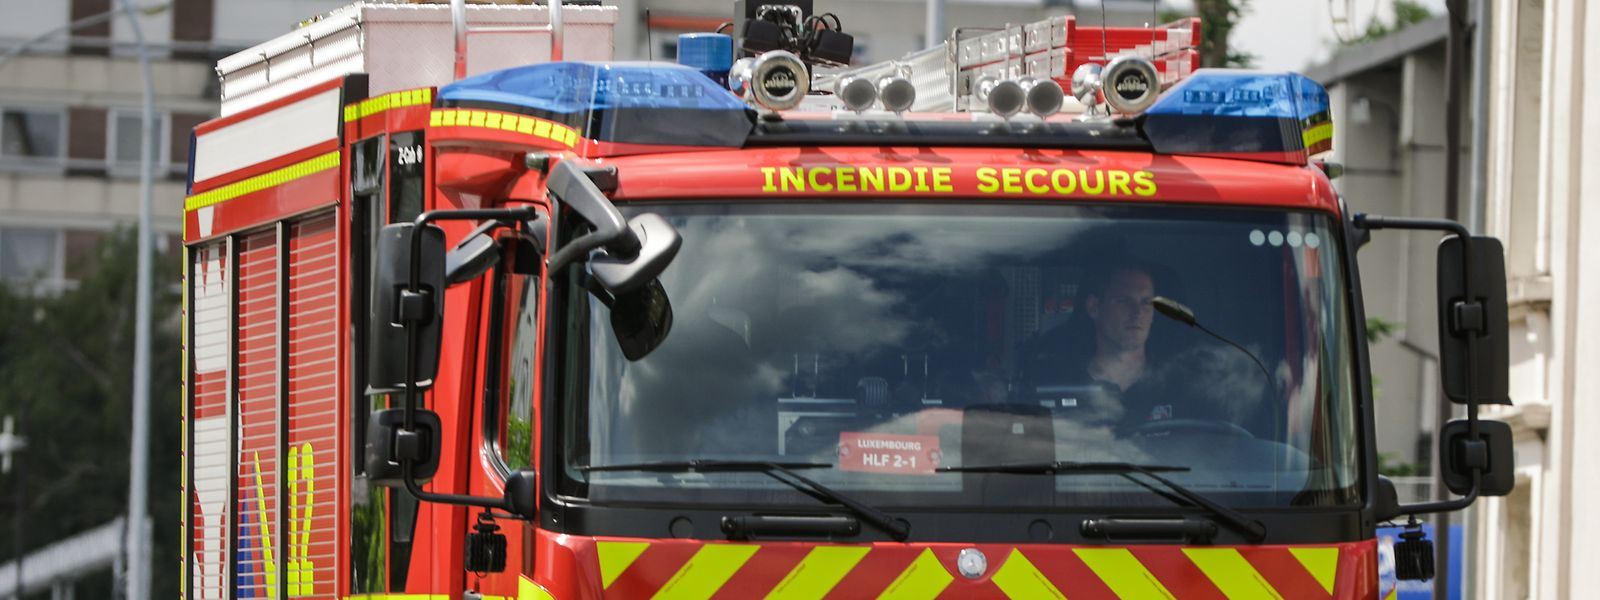 Wegen eines Küchenbrandes mussten am Freitag zehn Personen ins Krankenhaus.